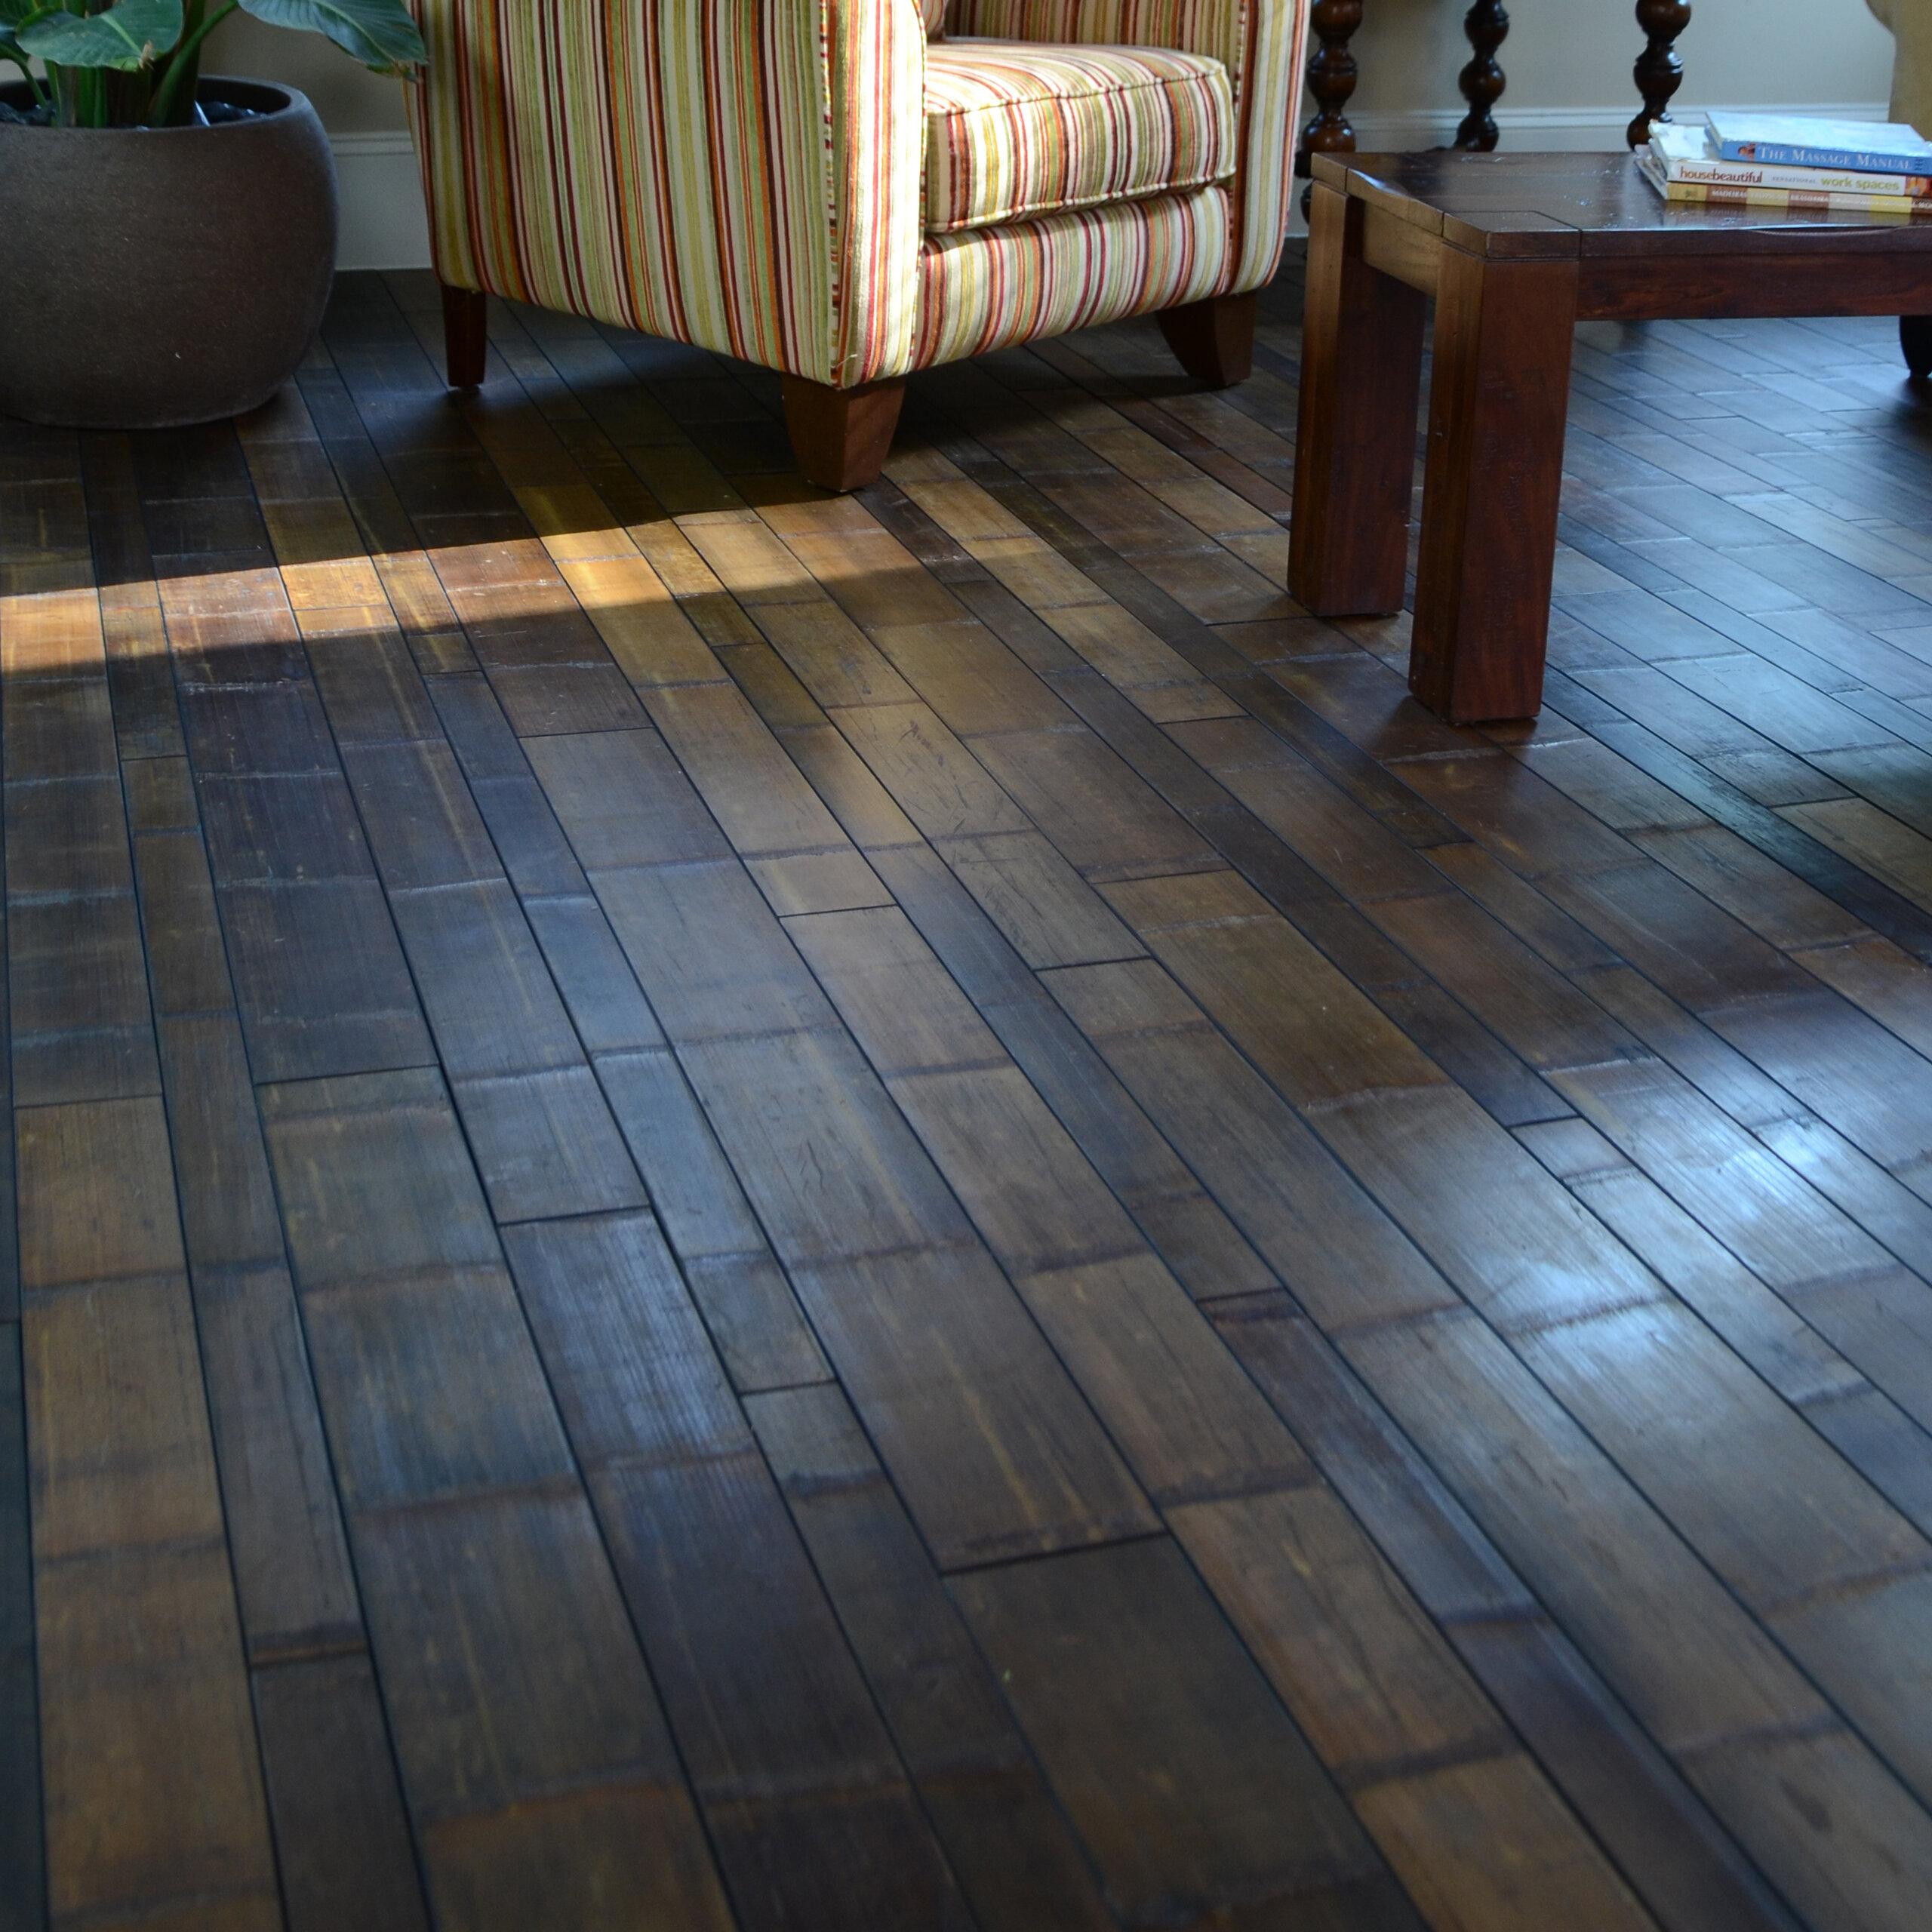 Easoon USA Random Width Solid Bamboo Flooring in Natural Skin